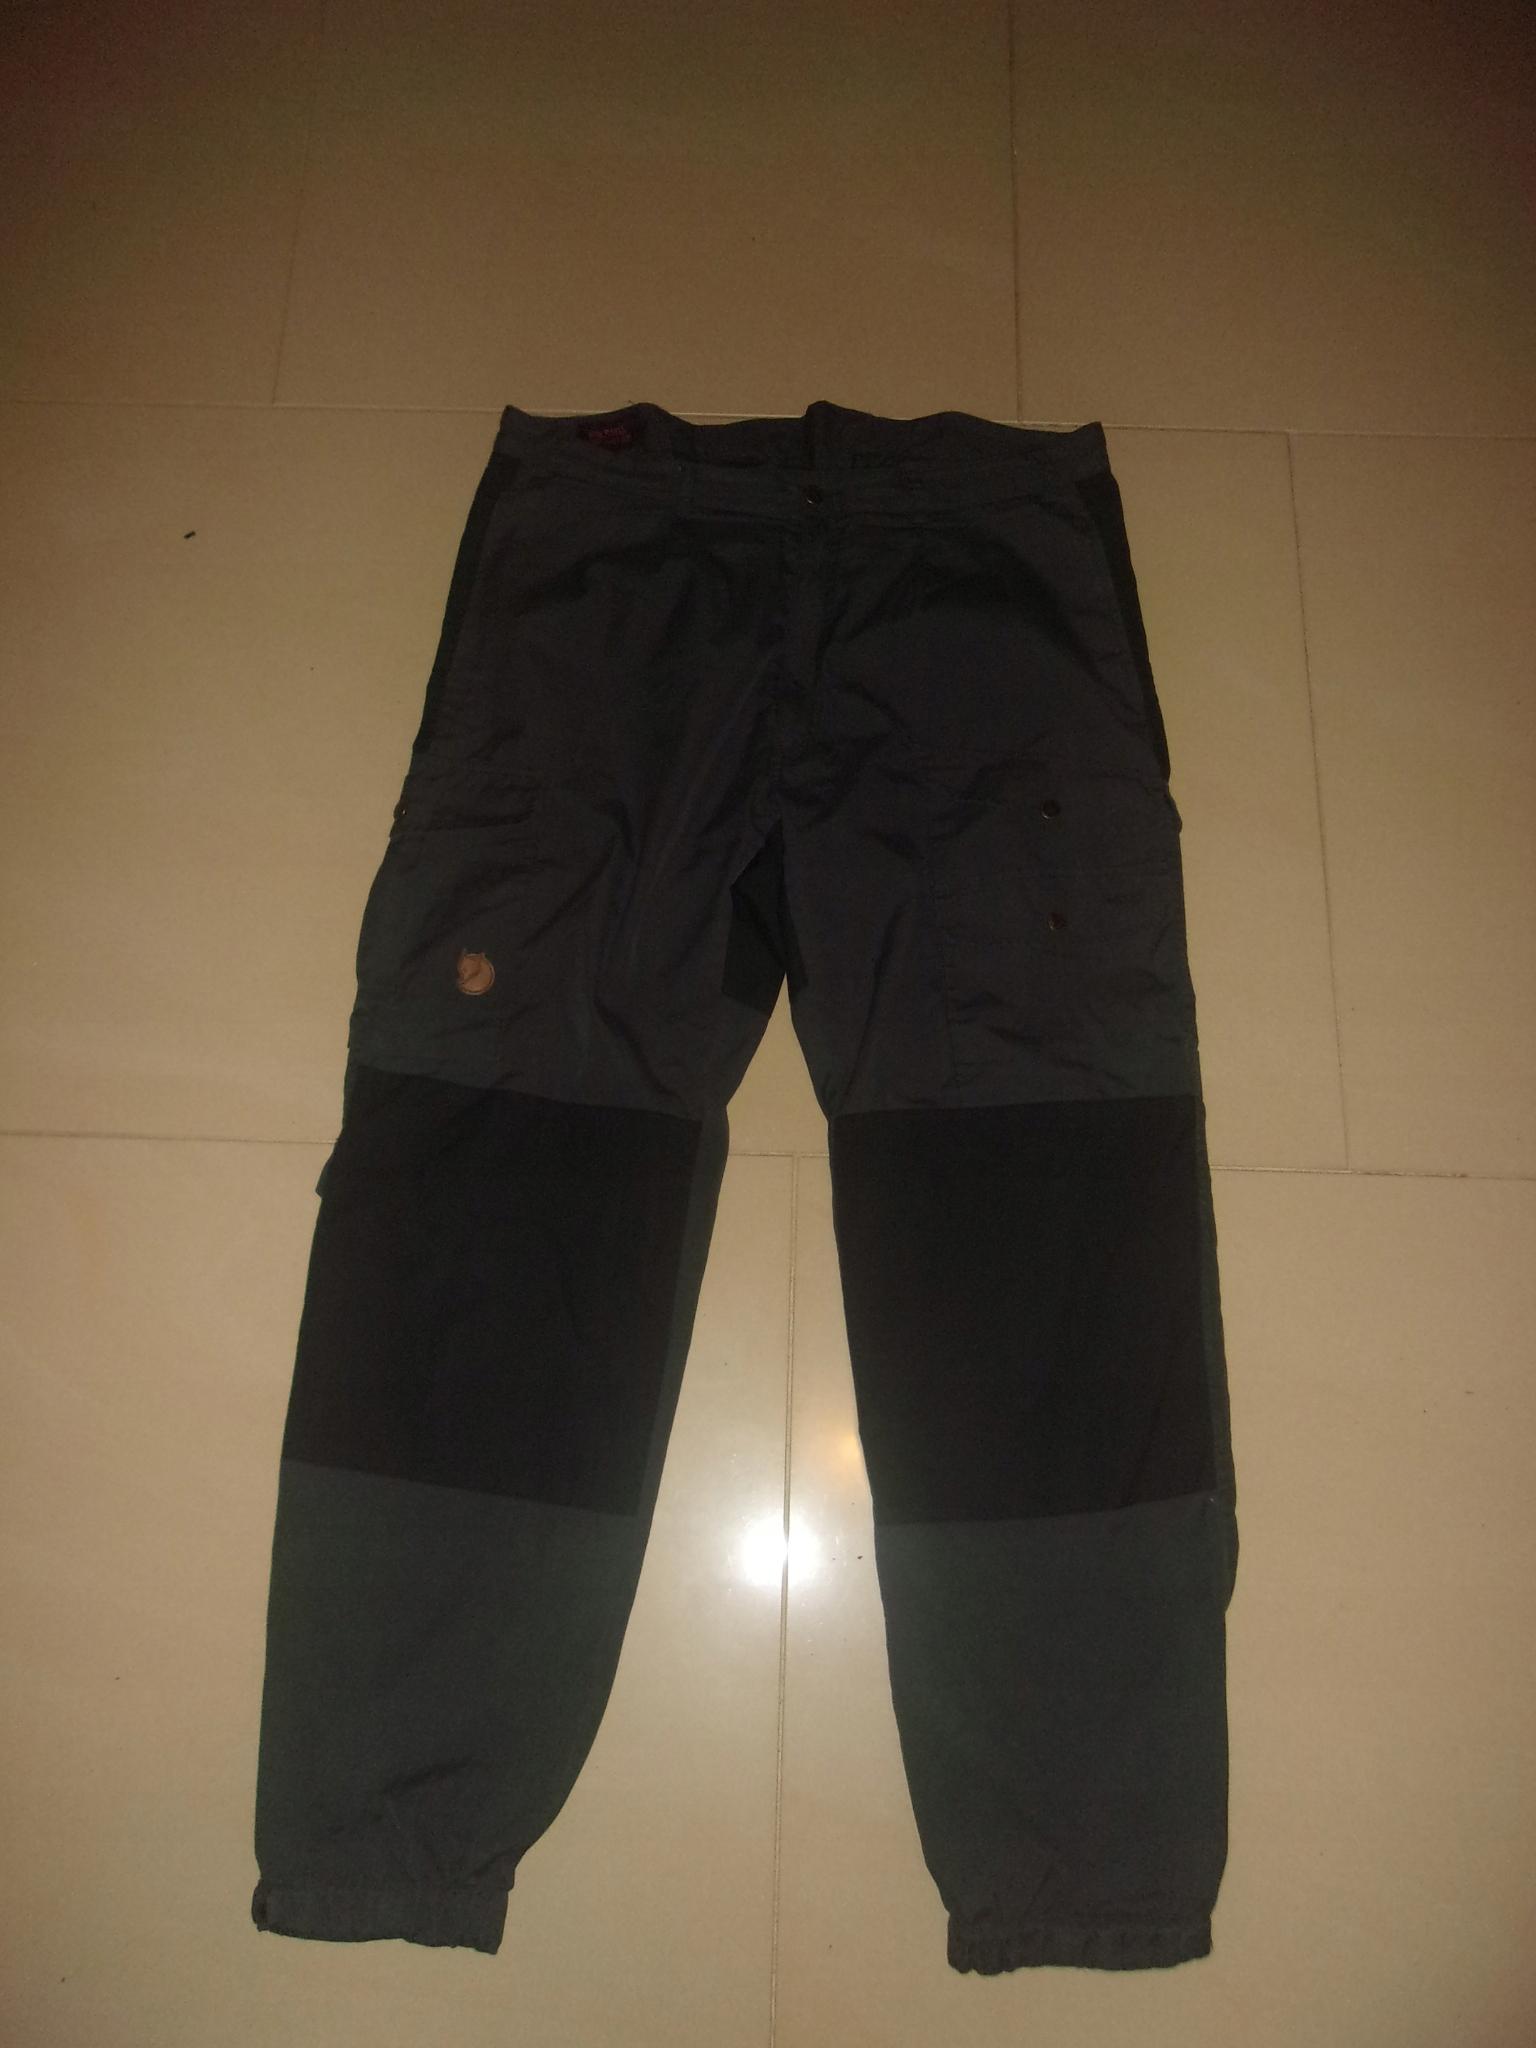 Spodnie męskie FJALLRAVEN G-1000 46 L 104cm